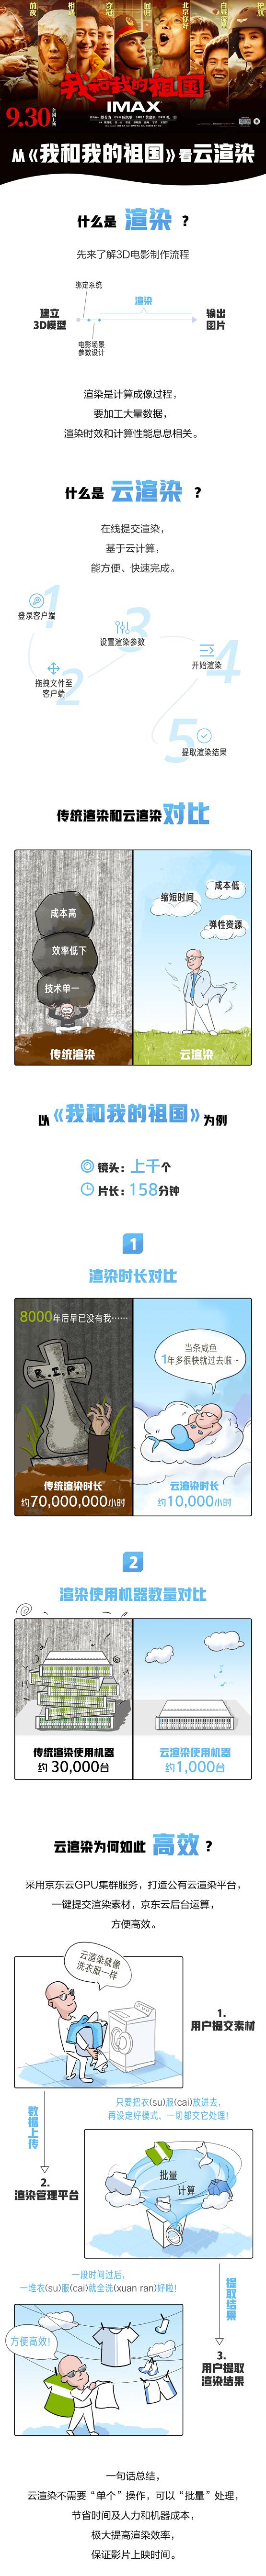 《我和我的祖国》幕后的渲染特效:使用近千台京东云服务器